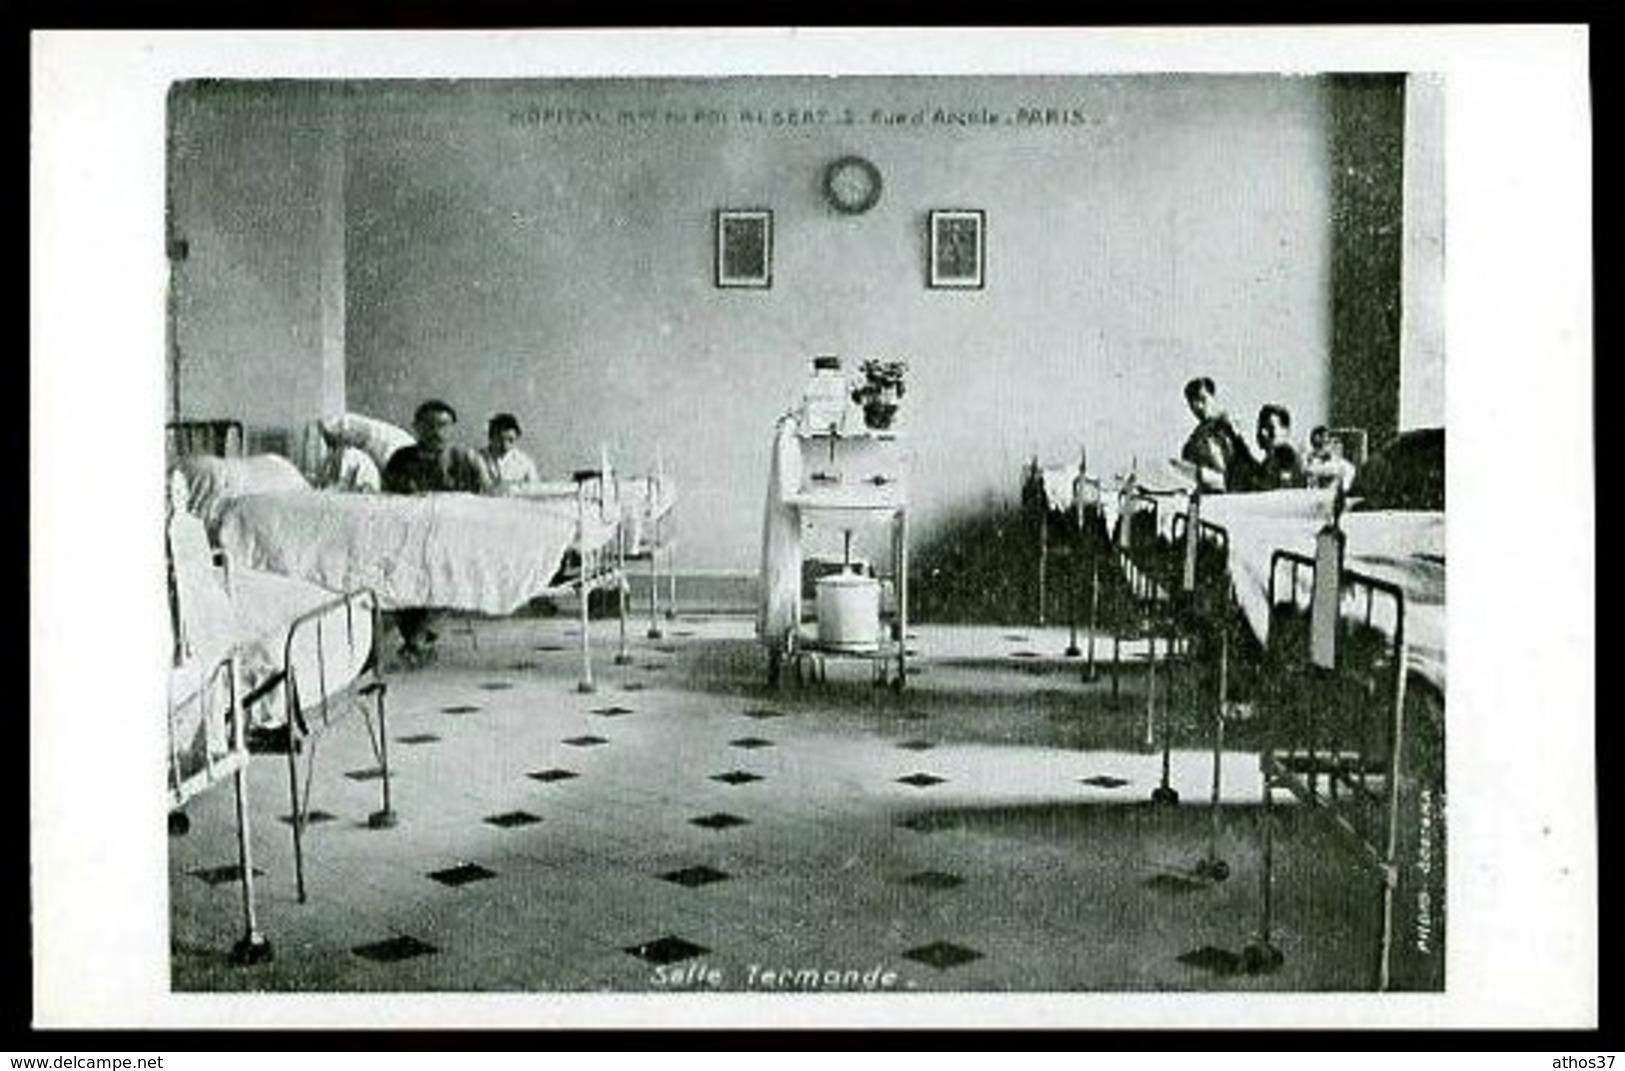 Hôpital Militaire Du ROI ALBERT - 2 Rue D' Arcole, Paris - Salle Termonde - (Beau Plan Animé) - Salute, Ospedali